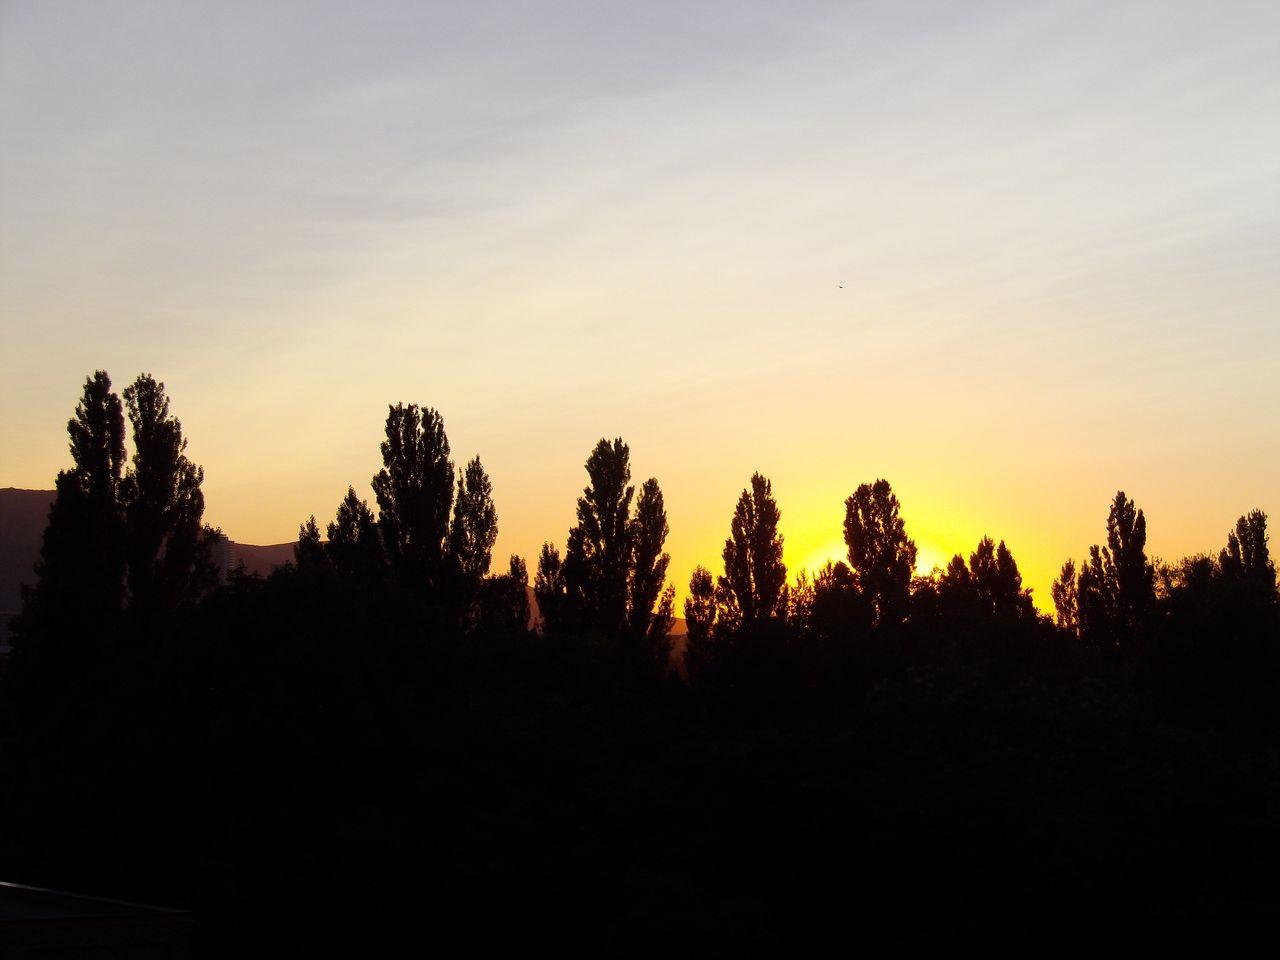 雲のない一日_c0025115_19125234.jpg